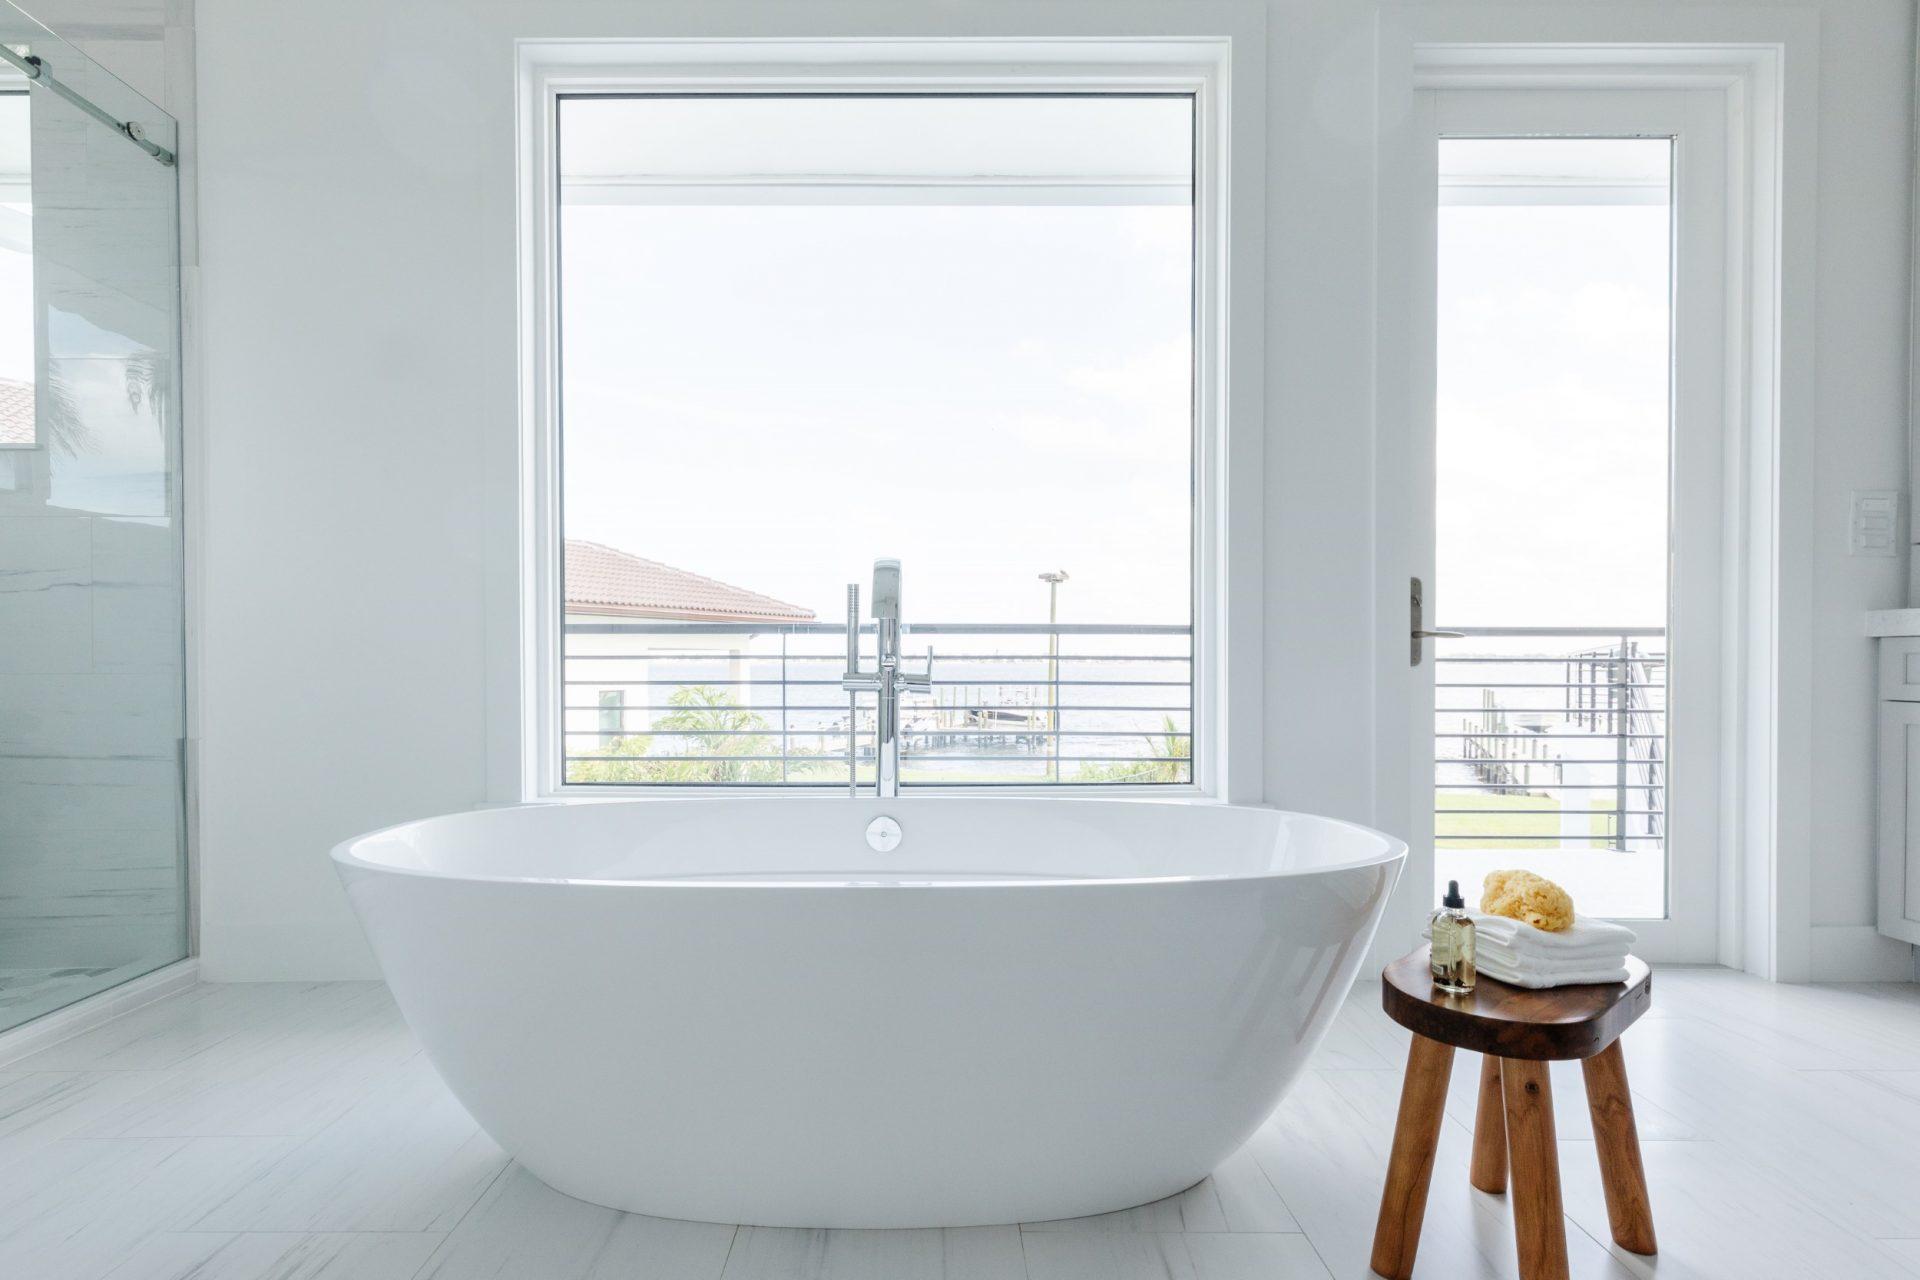 Peet's Perch | Master Bathroom Tub